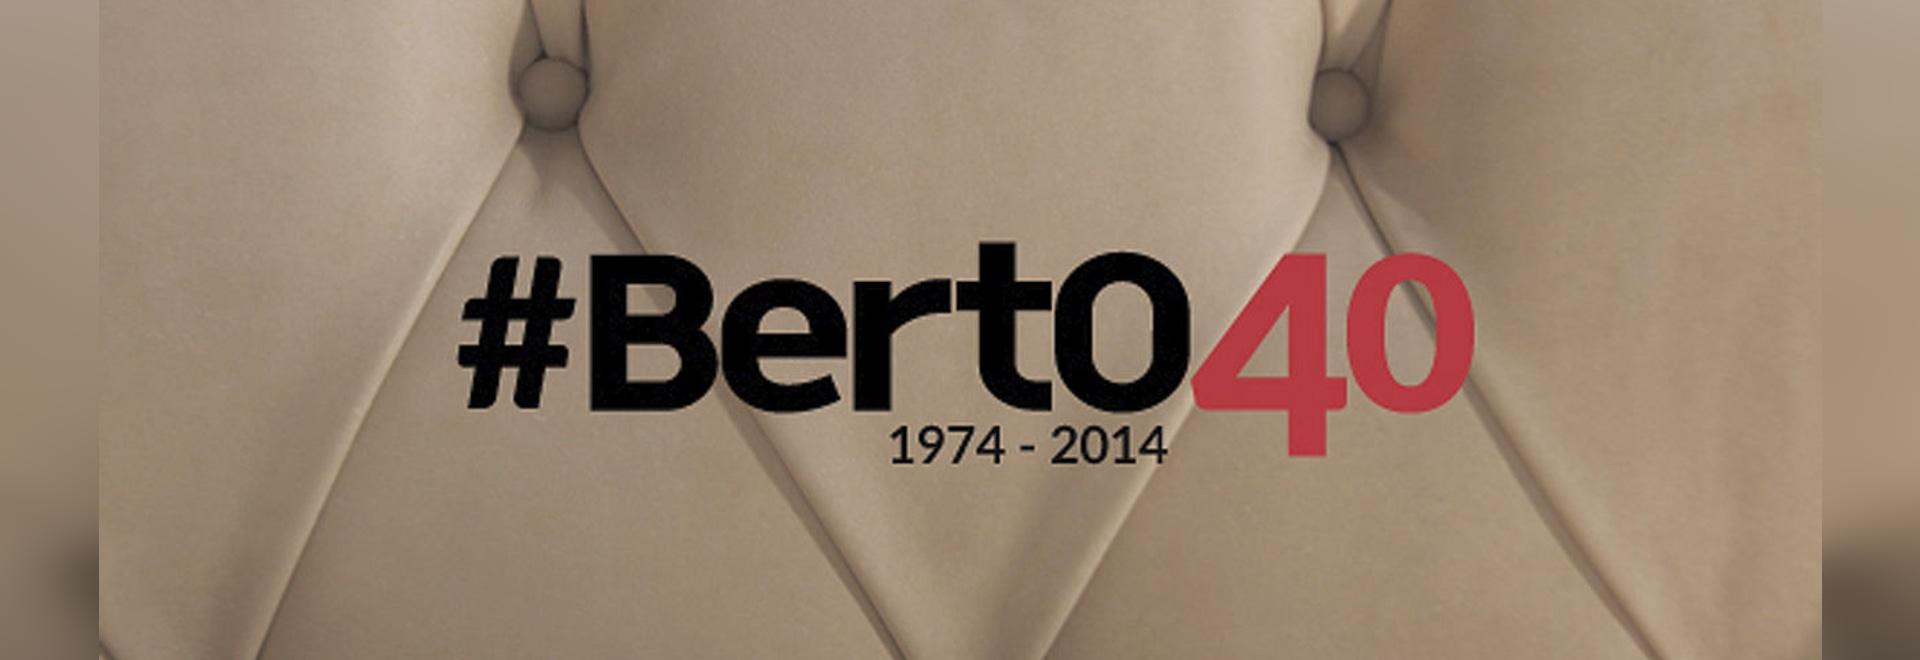 40 years with Berto